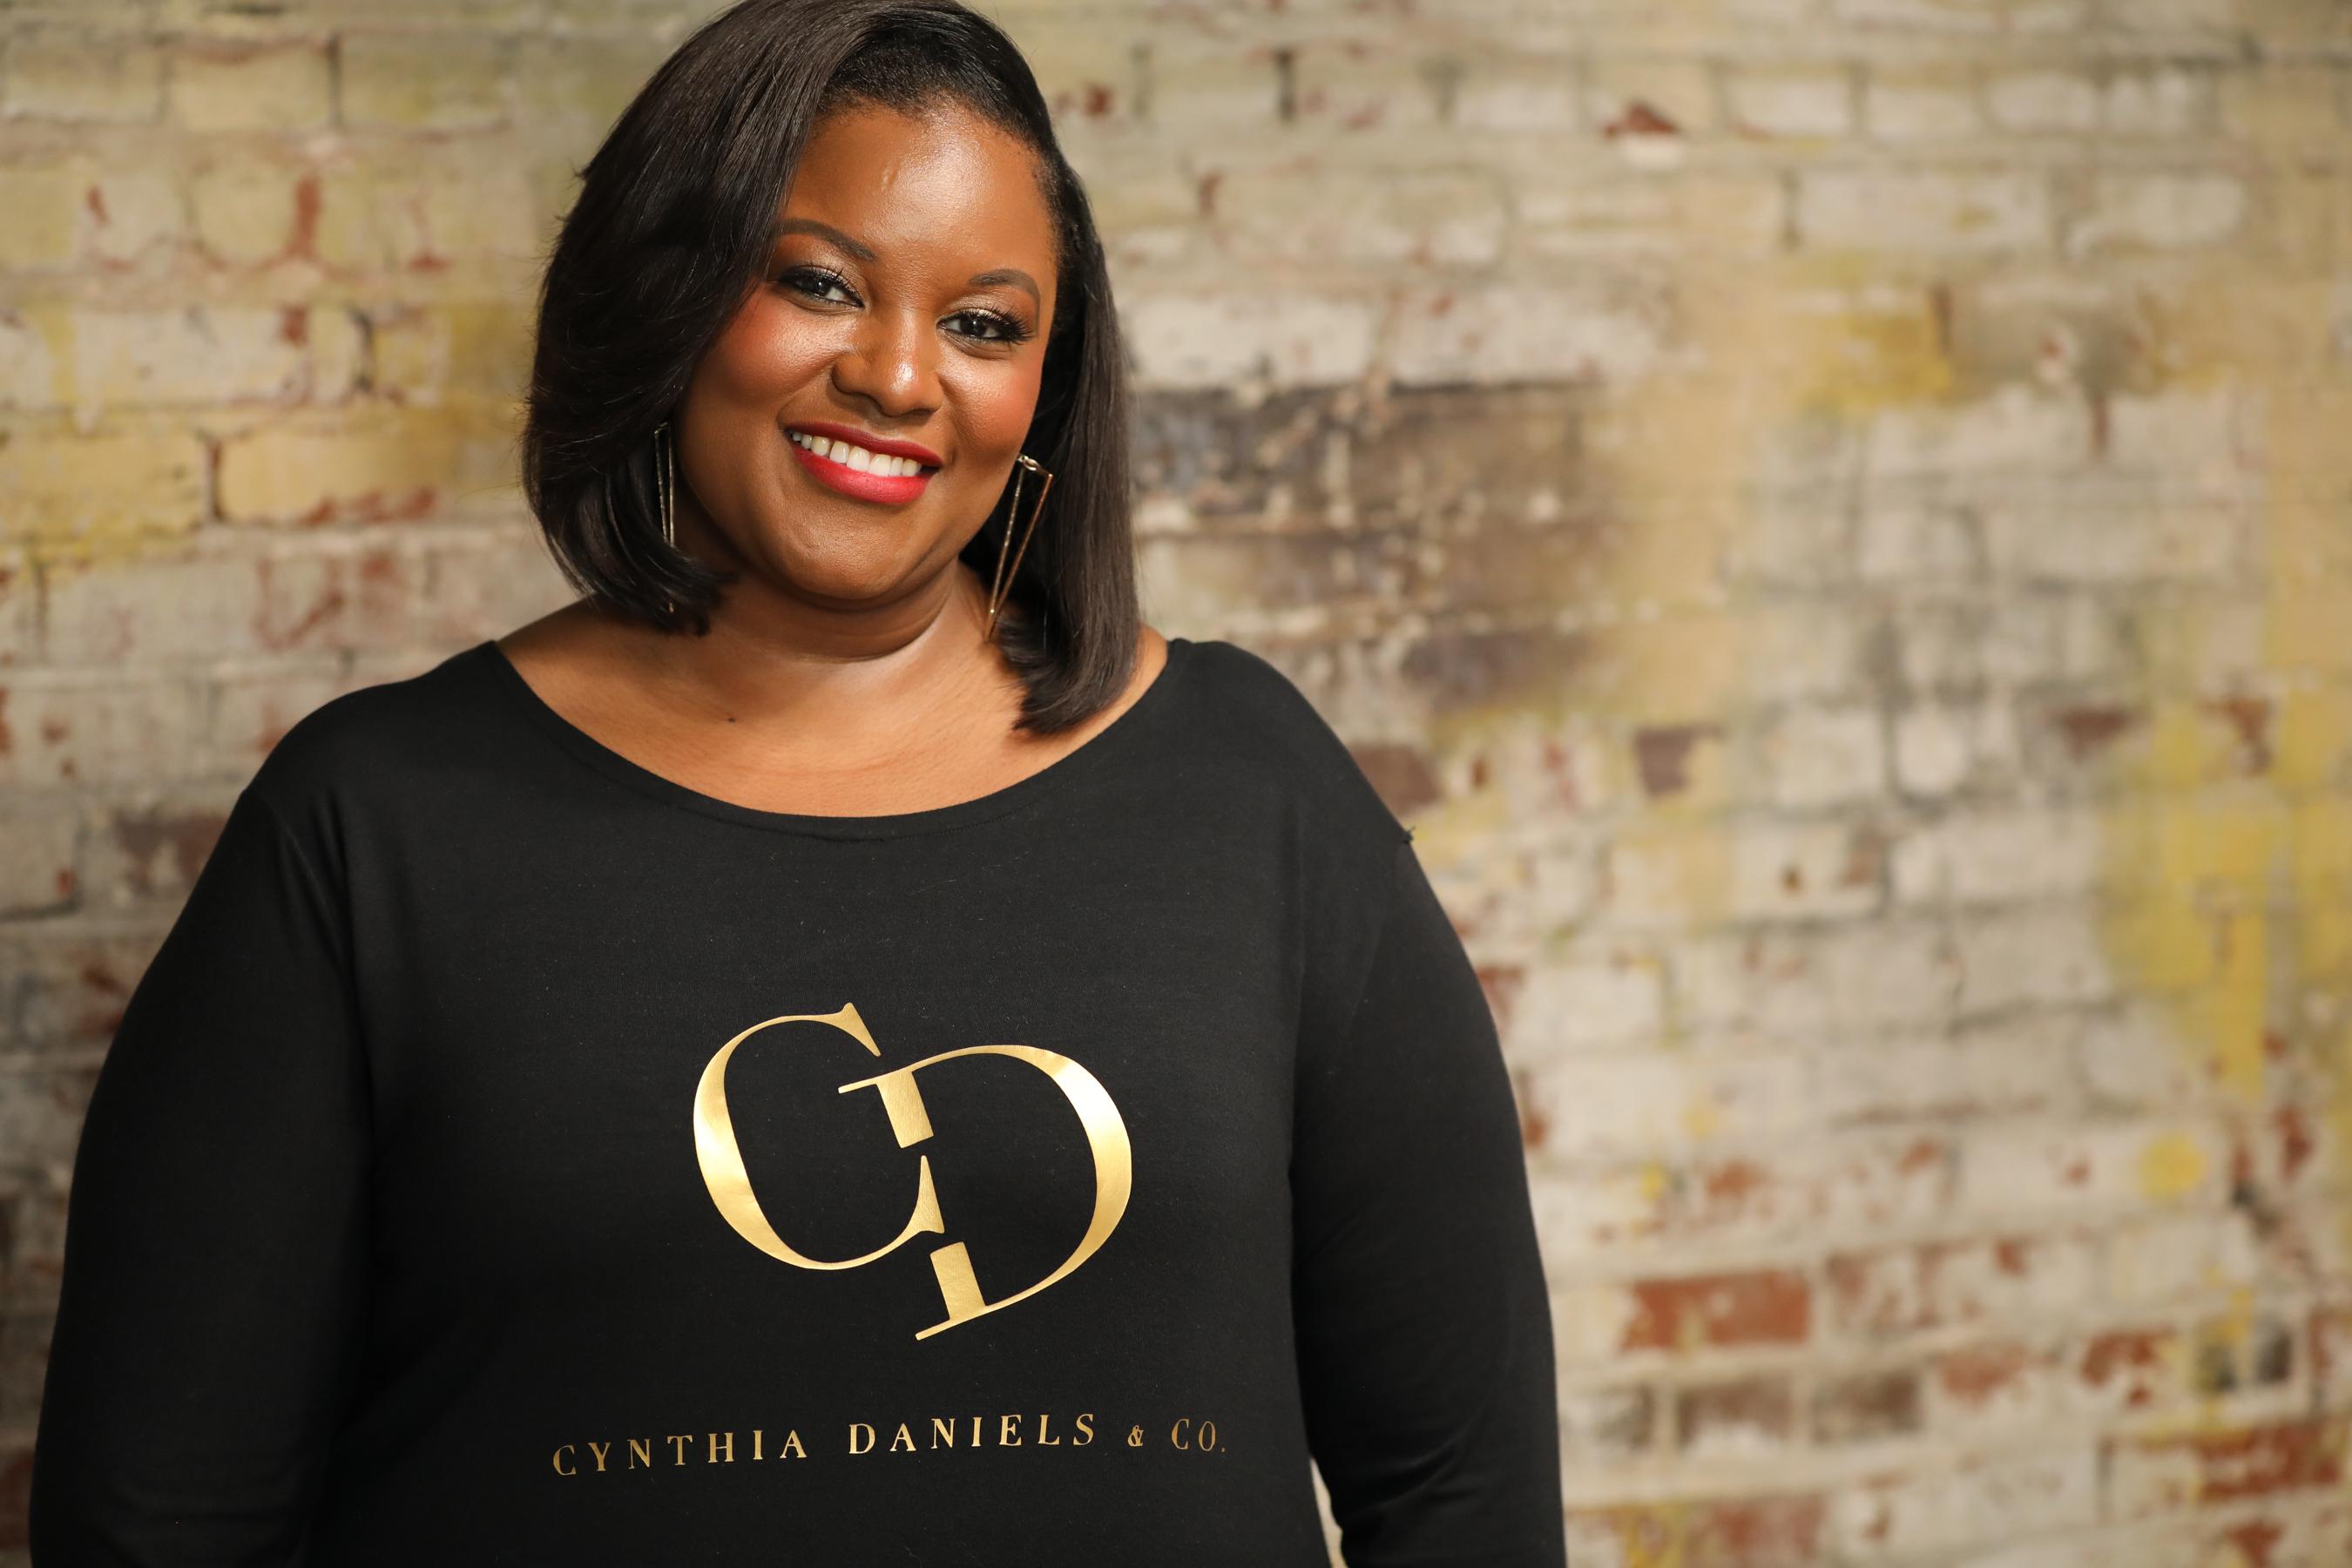 Cynthia Daniels